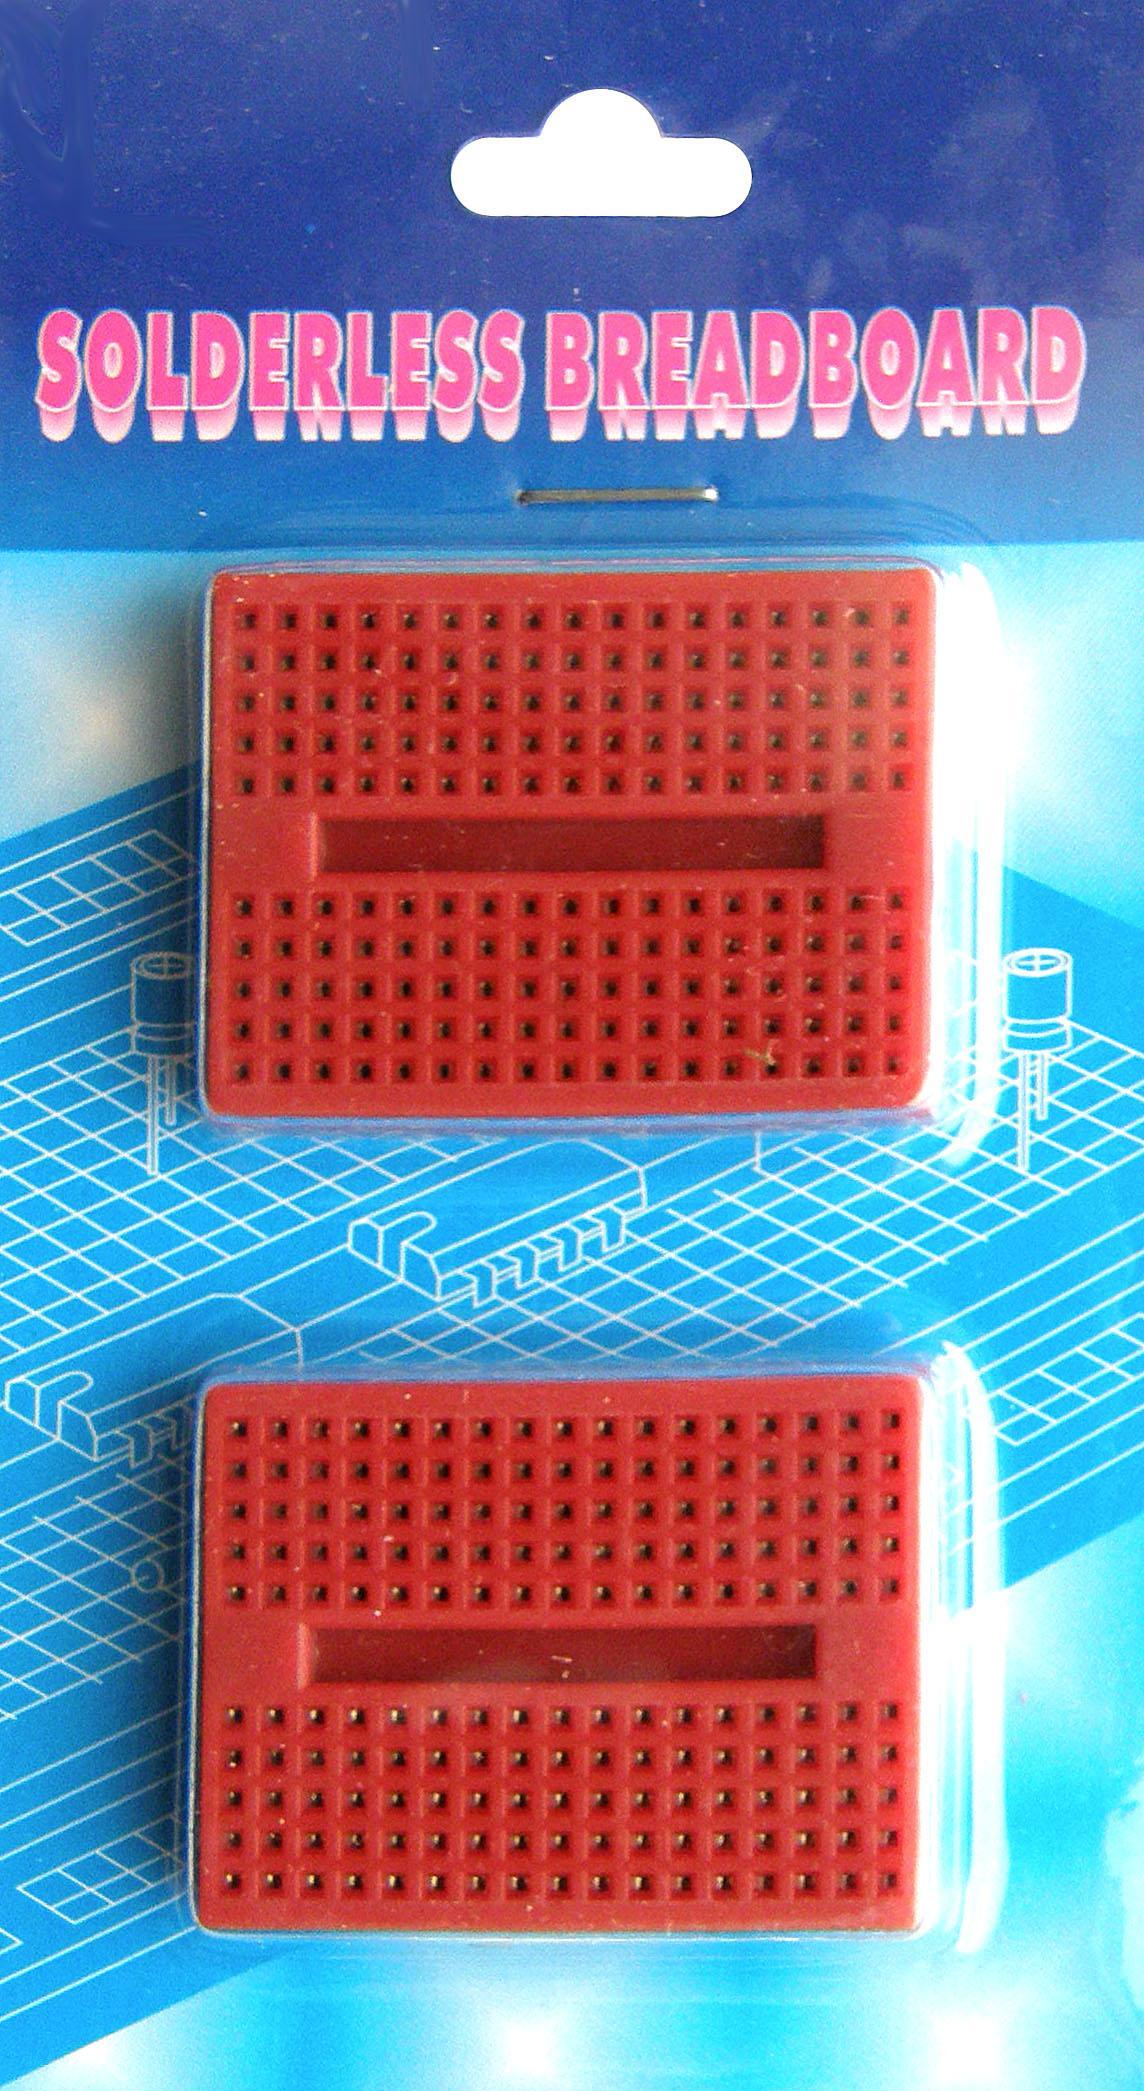 BB-601. Набор из 2-х макетных плат для монтажа без пайки. Красные